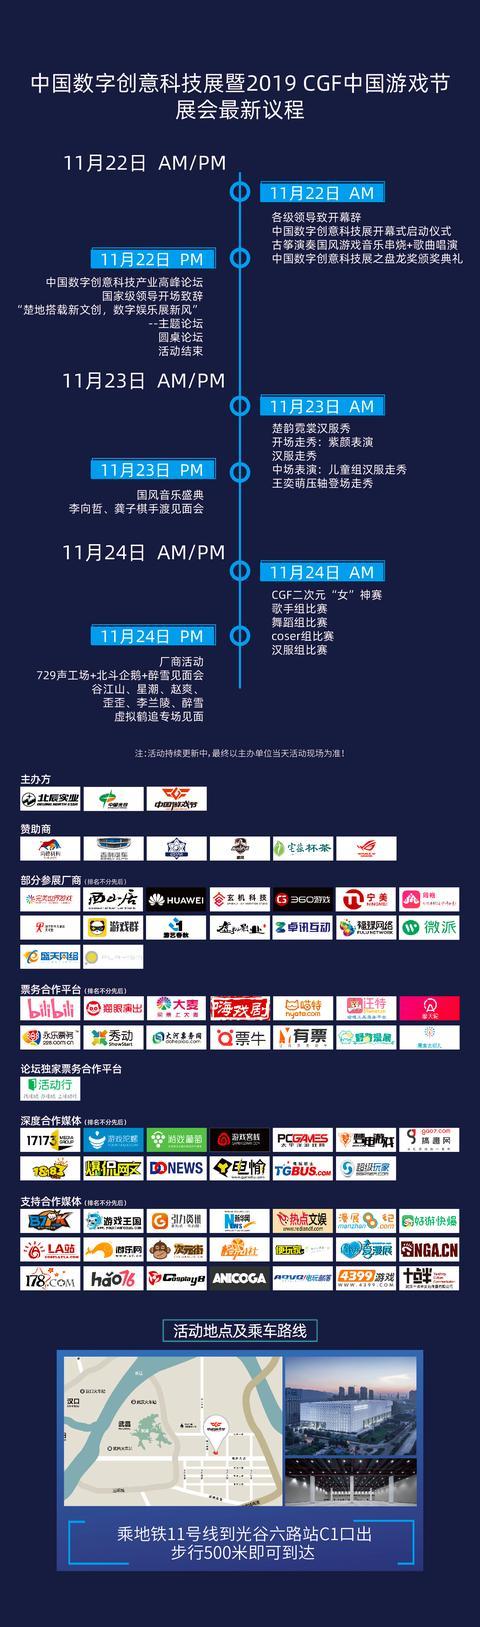 11月22-24日2019 CGF中国游戏节展会现场活动首次曝光 展会活动-第14张